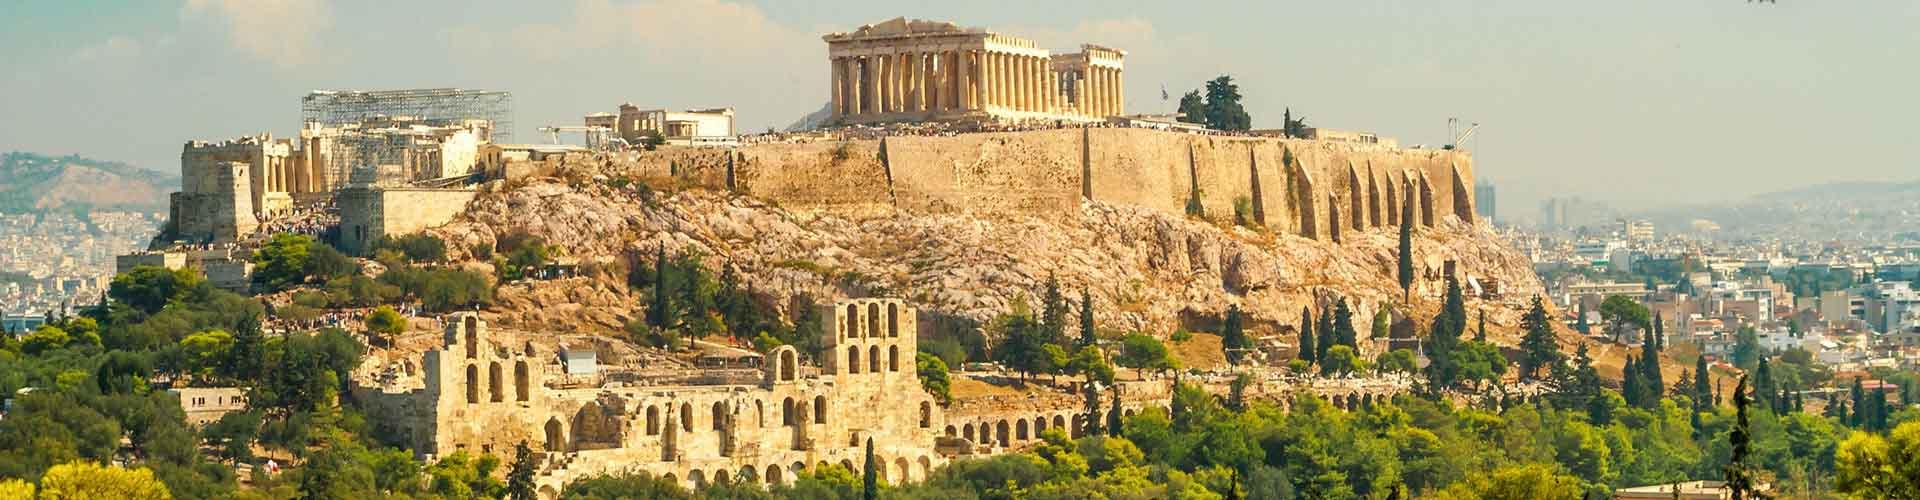 Athenes - Auberges de jeunesse dans le quartier de Neapolis. Cartes pour Athenes, photos et commentaires pour chaque auberge de jeunesse à Athenes.